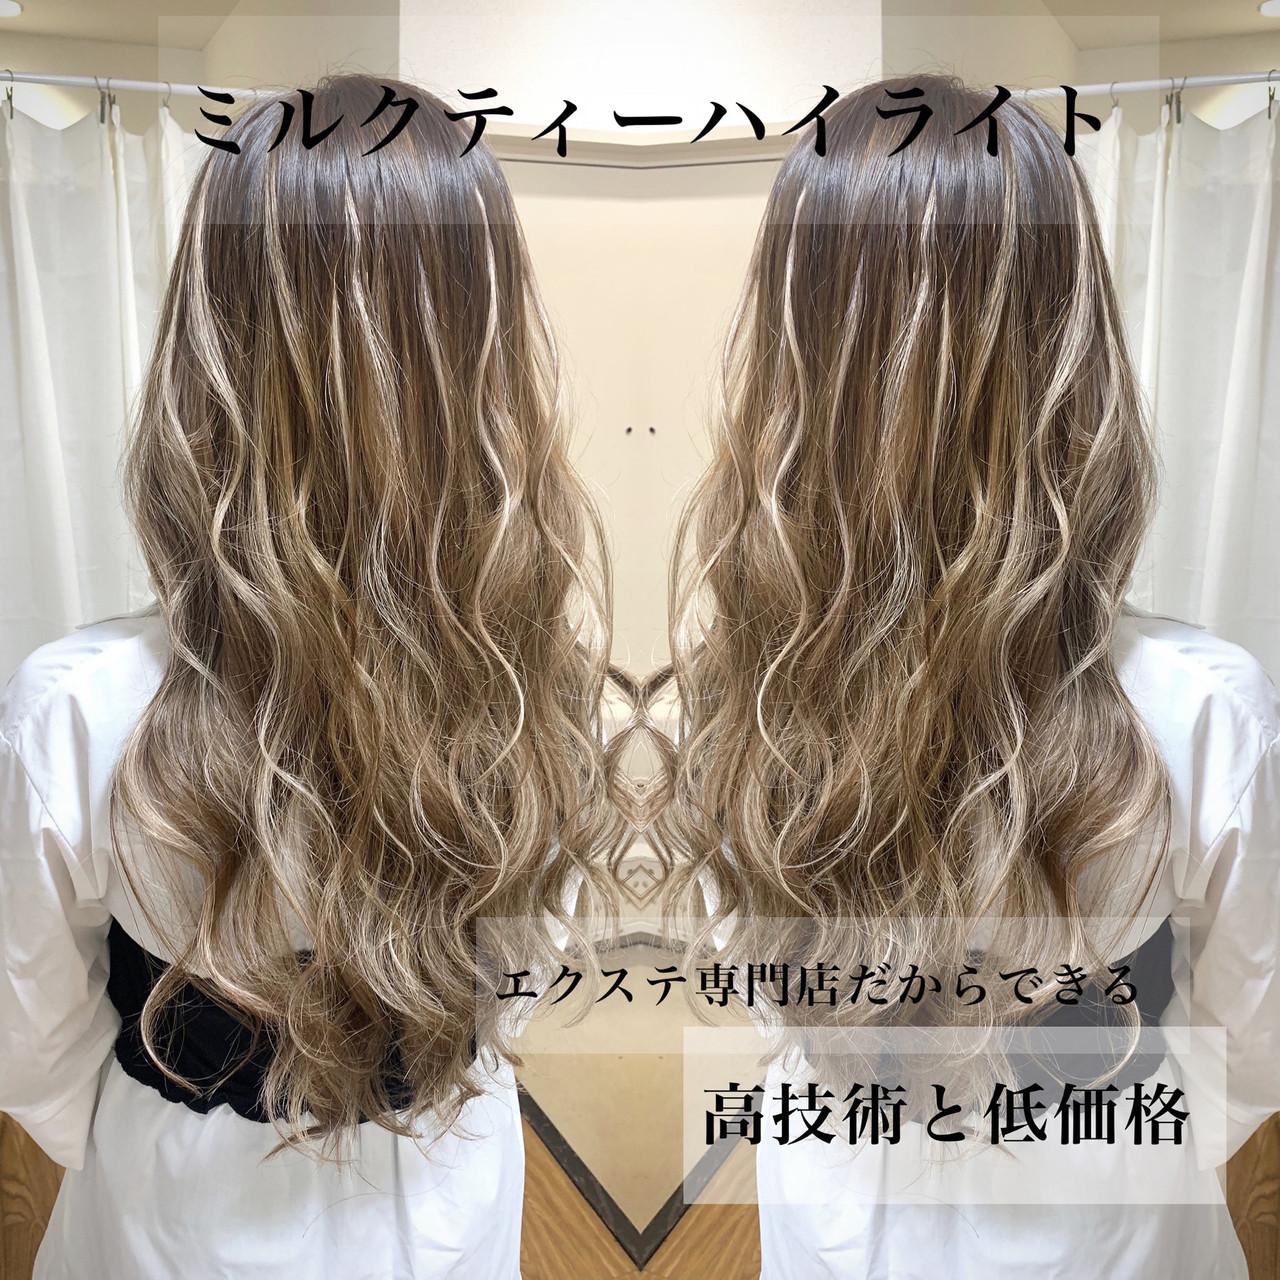 エクステ グラデーションカラー ロング ギャル ヘアスタイルや髪型の写真・画像